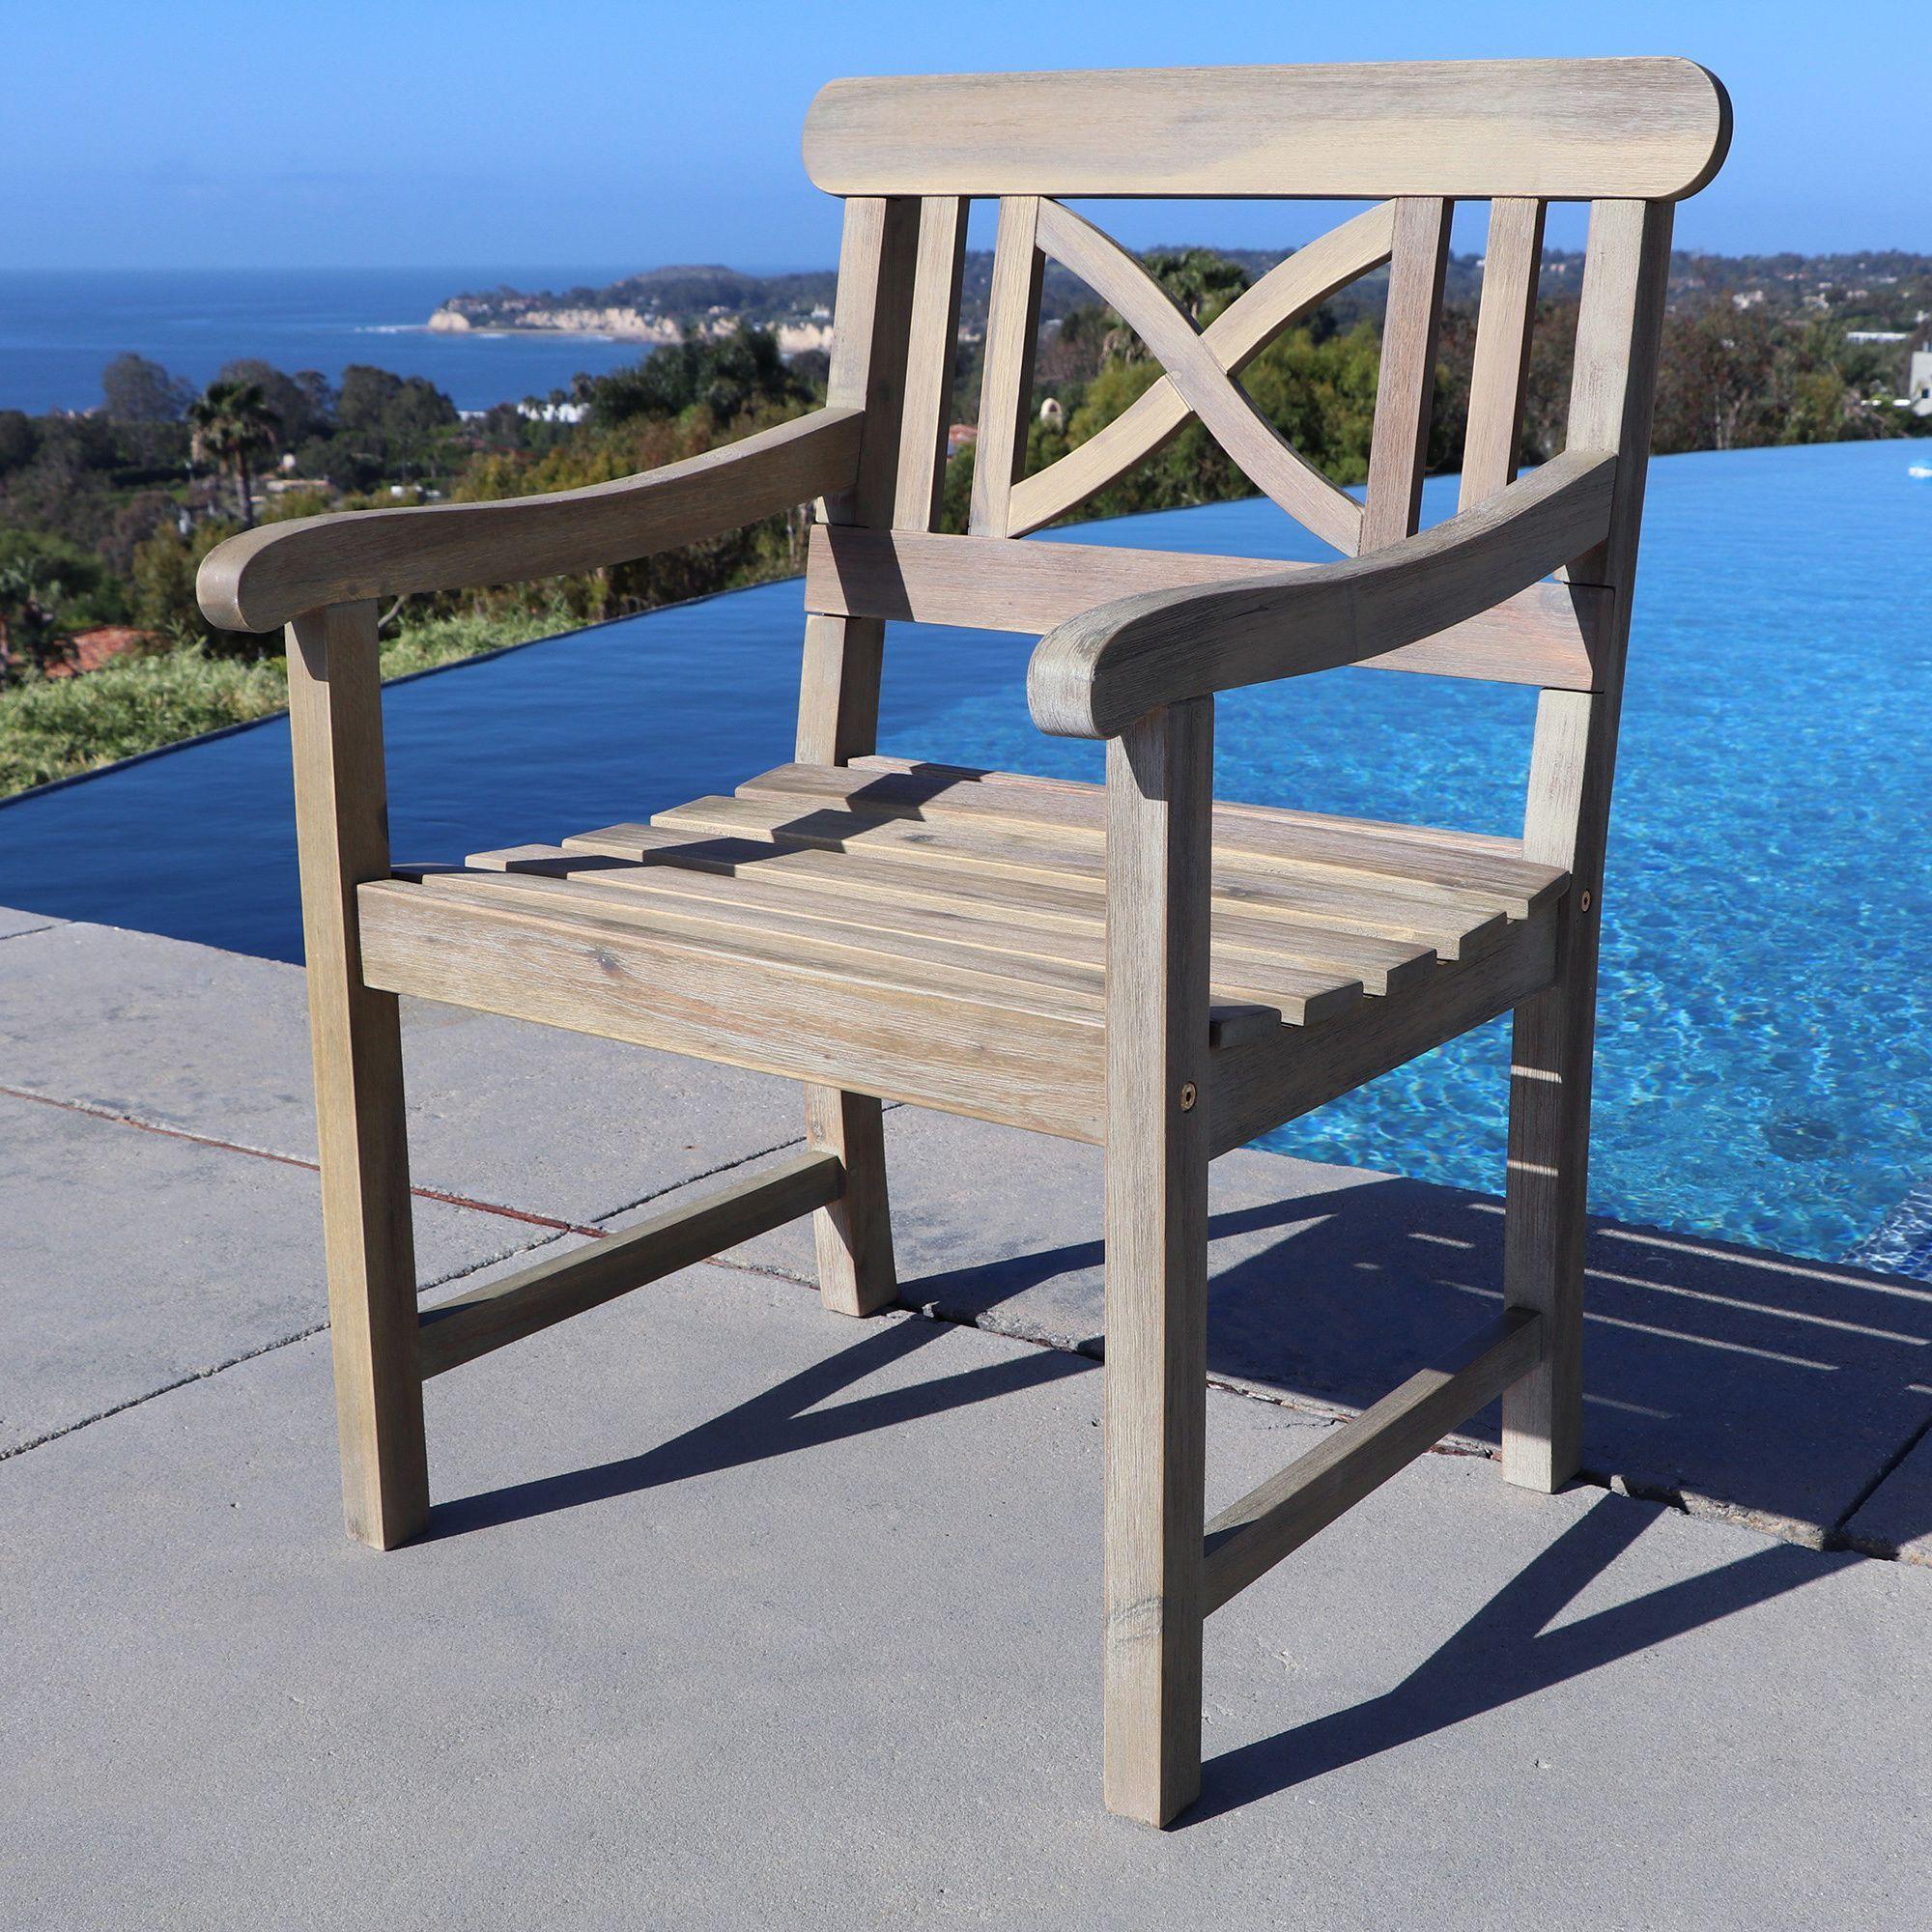 Vifah Renaissance Weather Resistant Outdoor Hand Scraped Hardwood Armchair (Outdoor  Furniture),